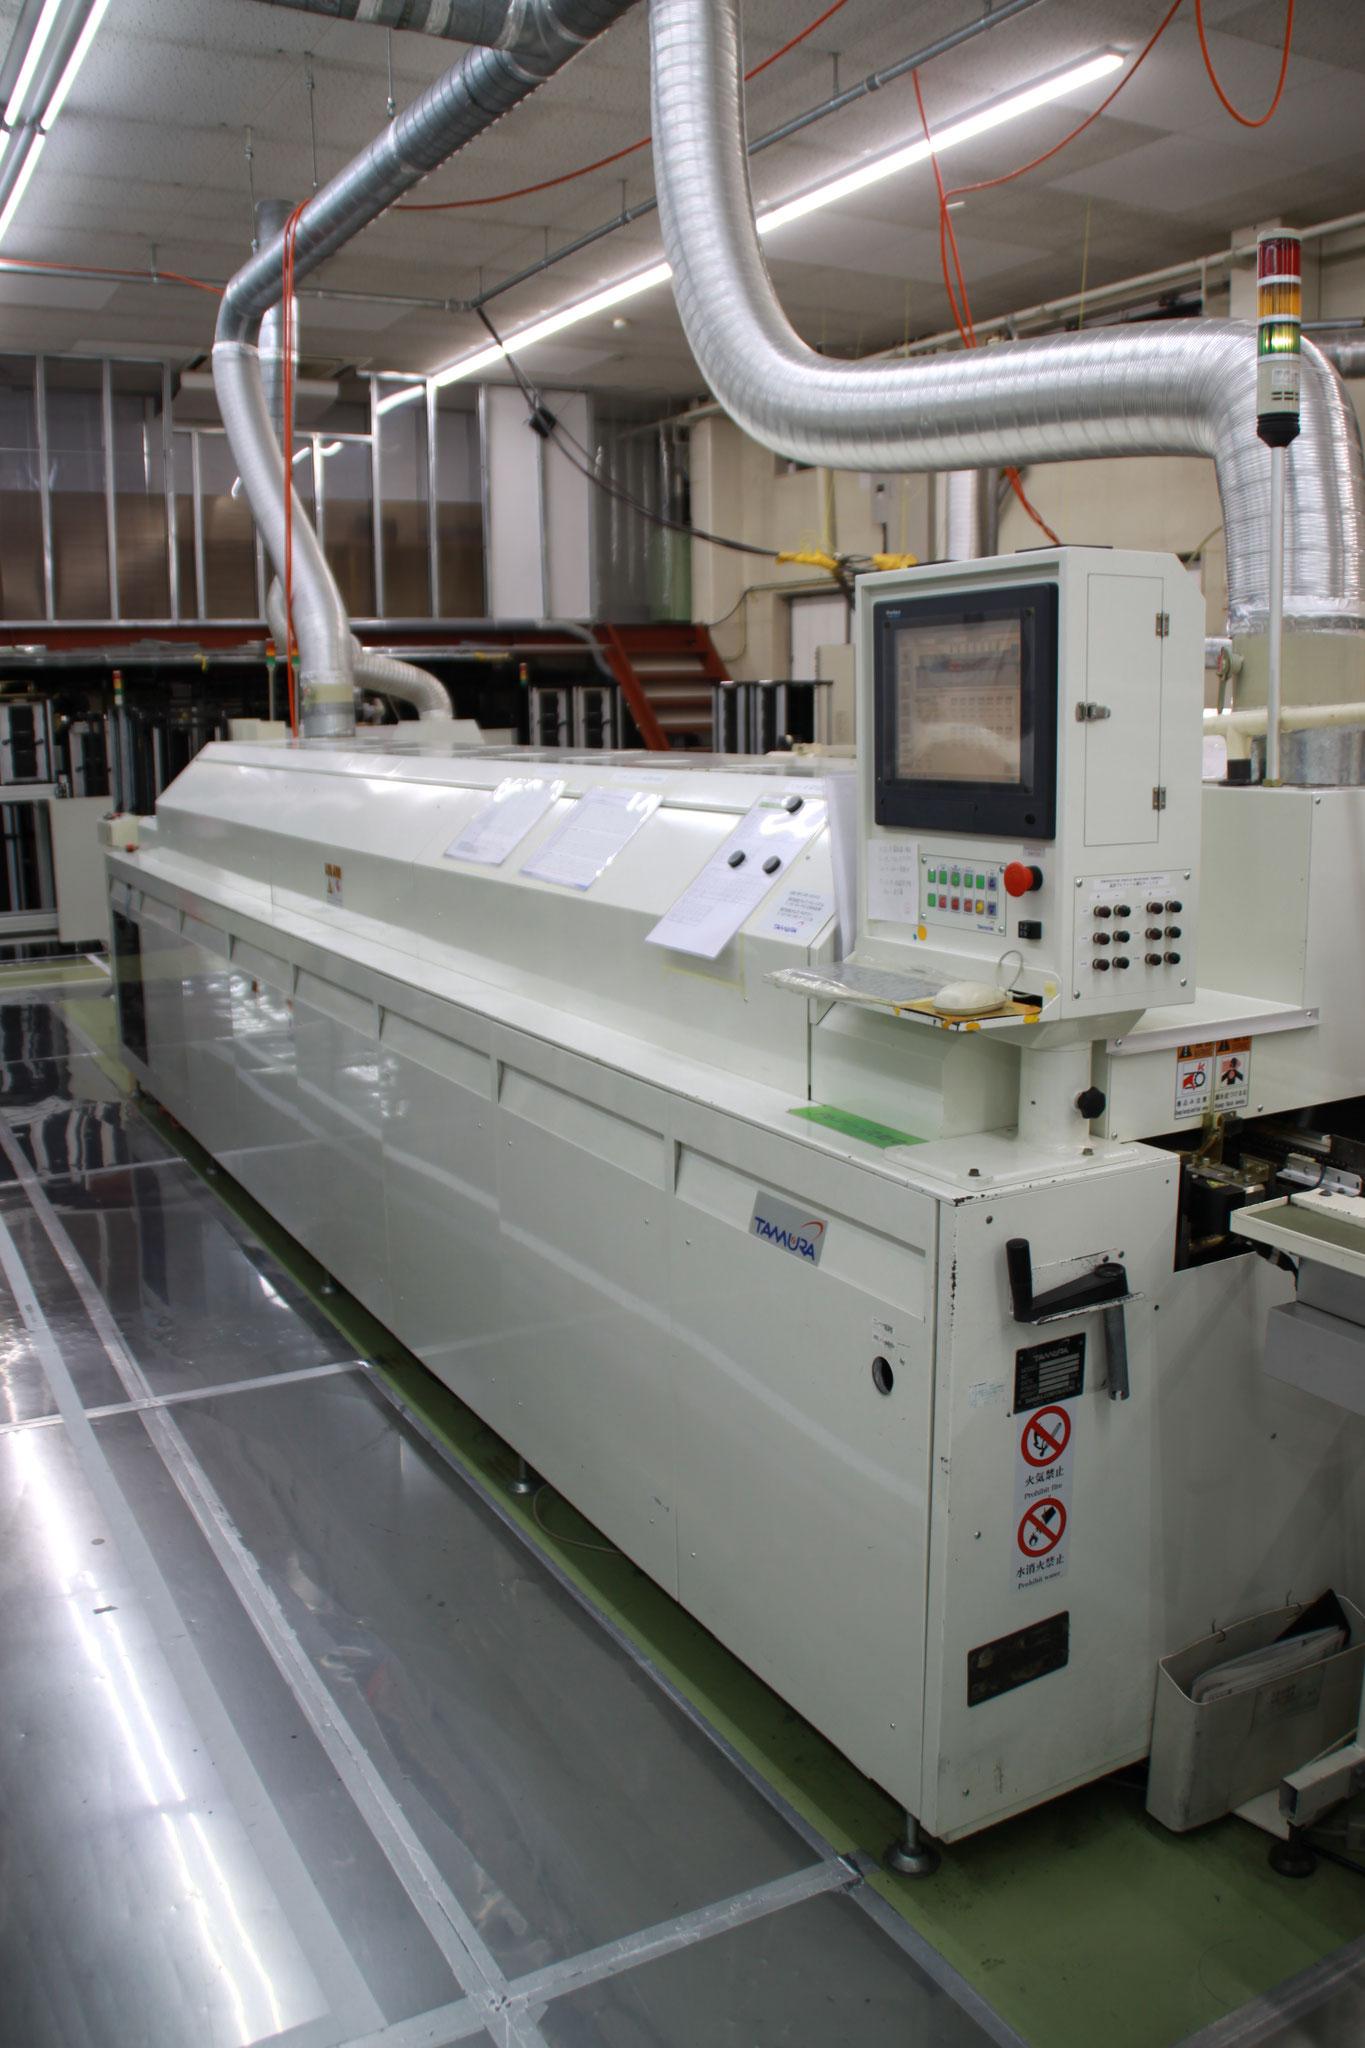 鉛フリー対応窒素リフロー炉 タムラ製 TNP30-537EN